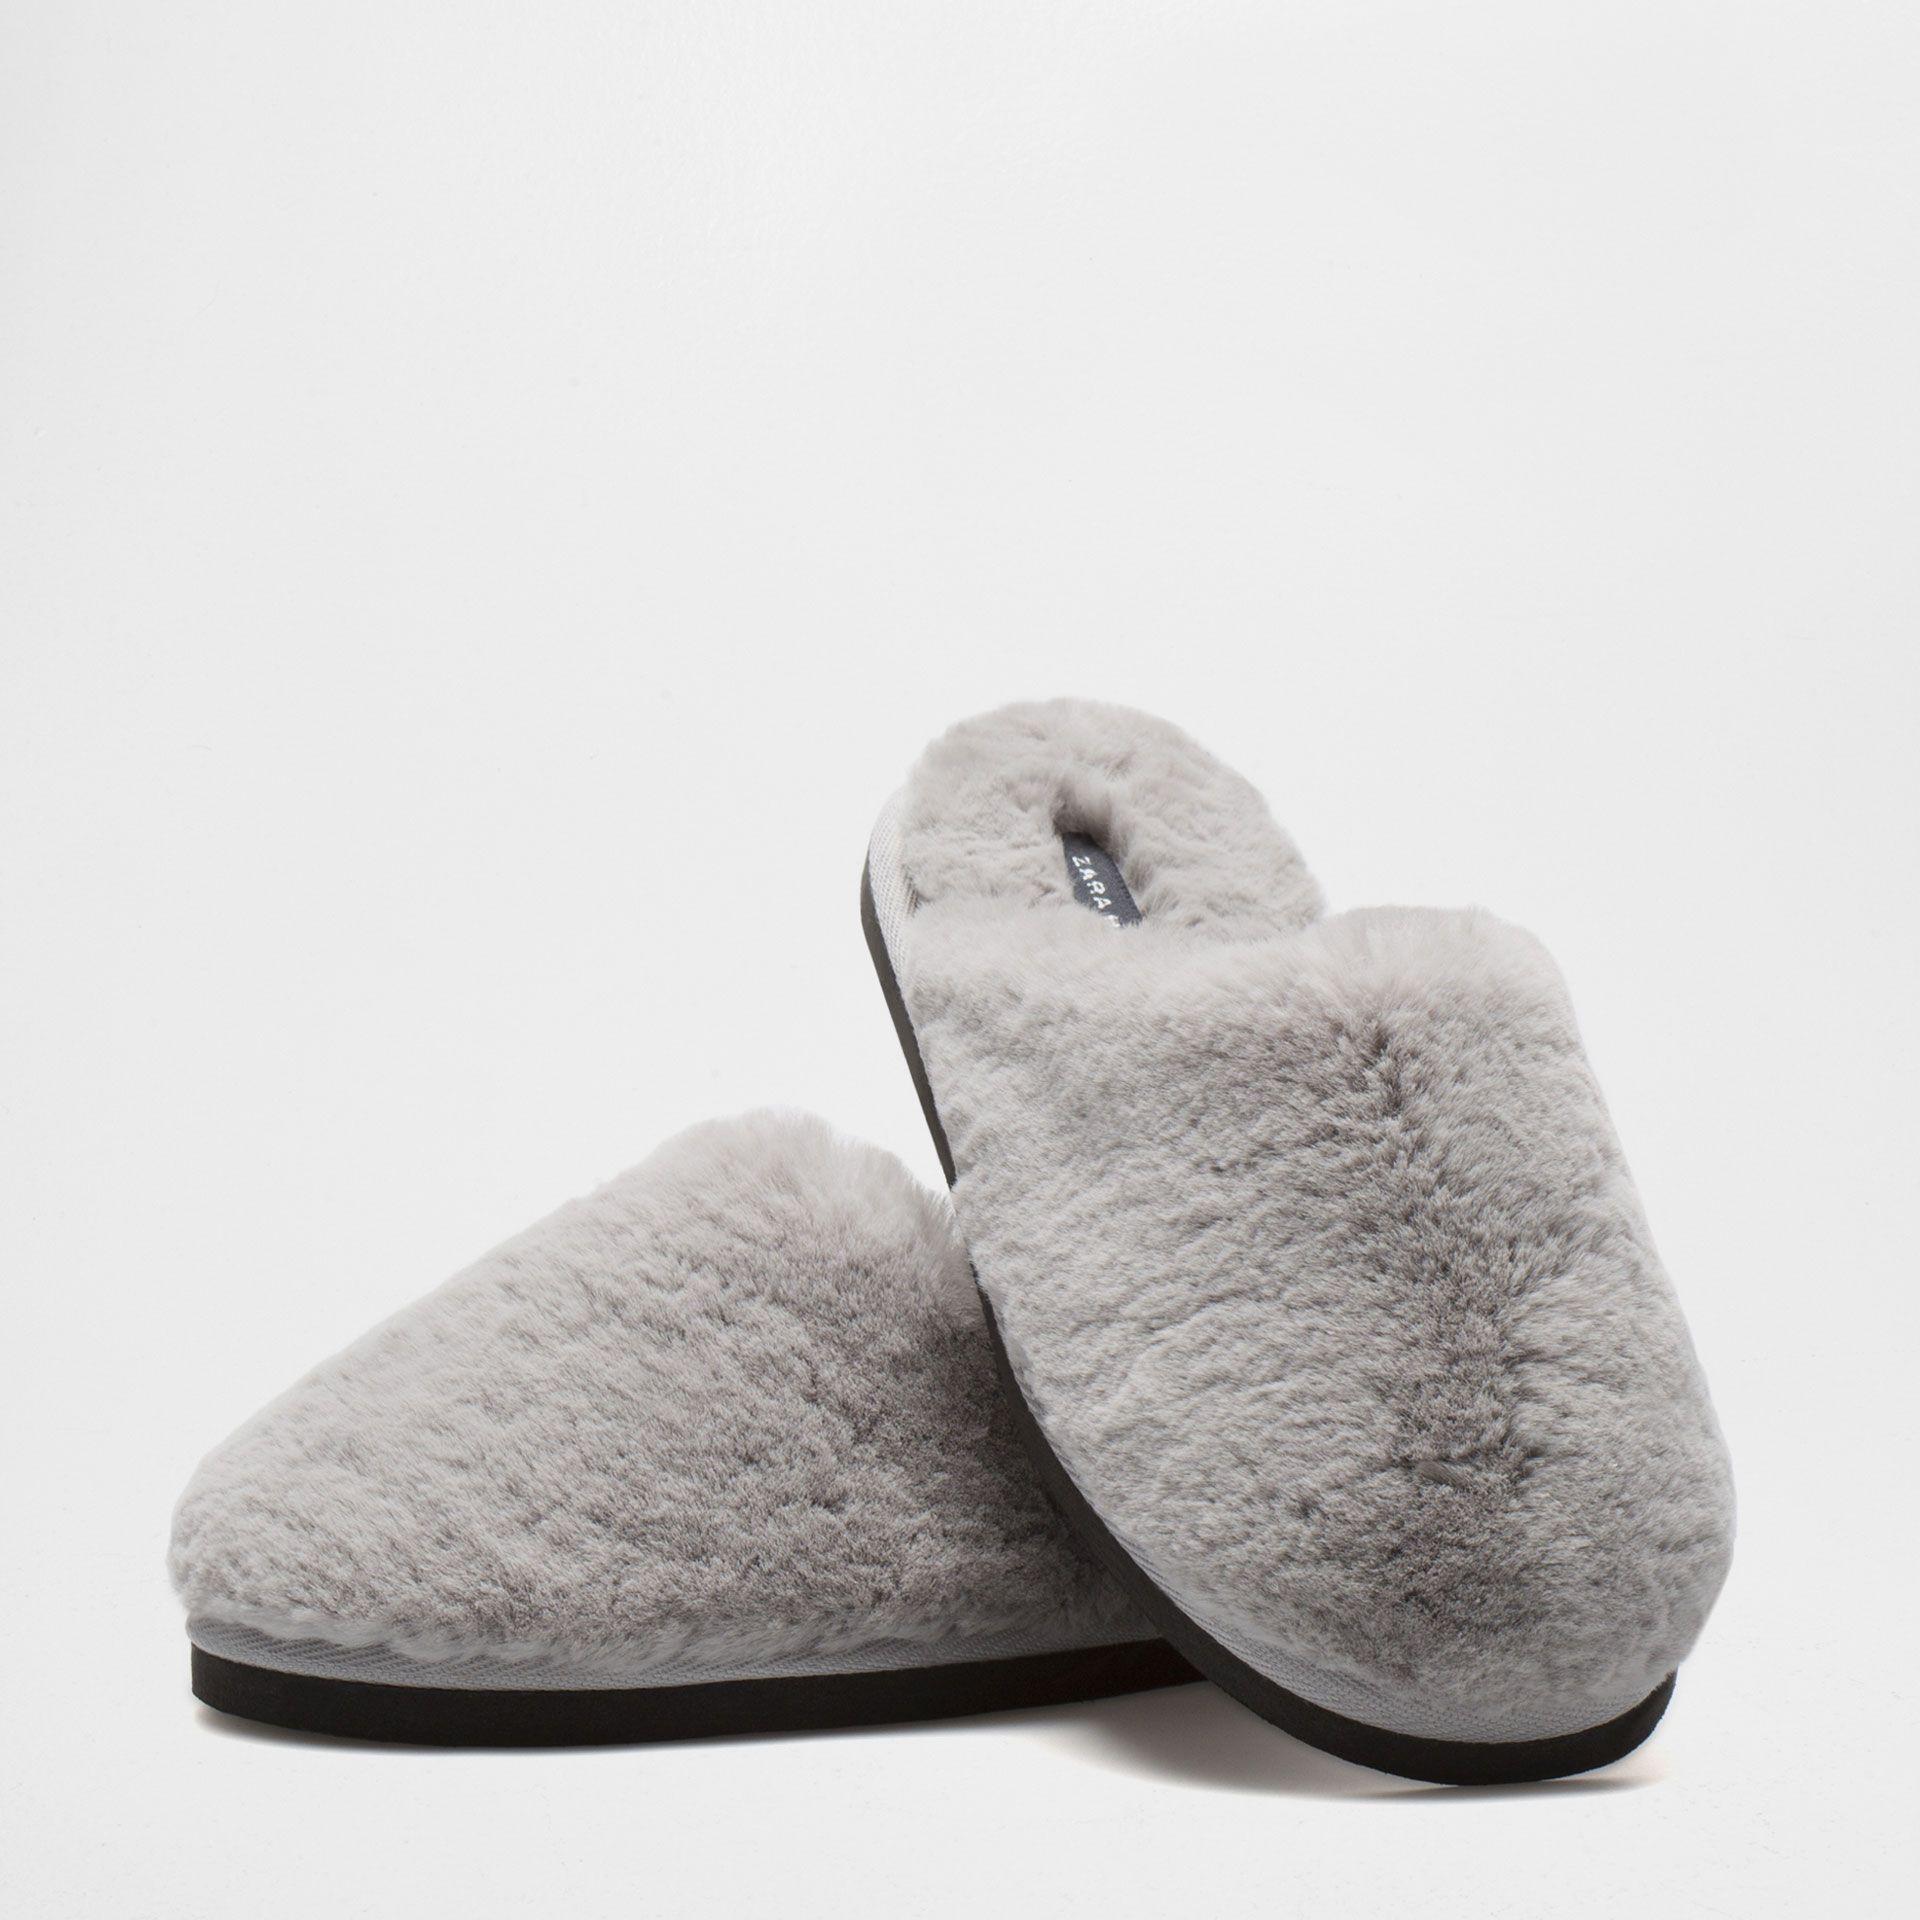 FAUX FUR SLIPPERS Woman Footwear Homewear | Zara Home